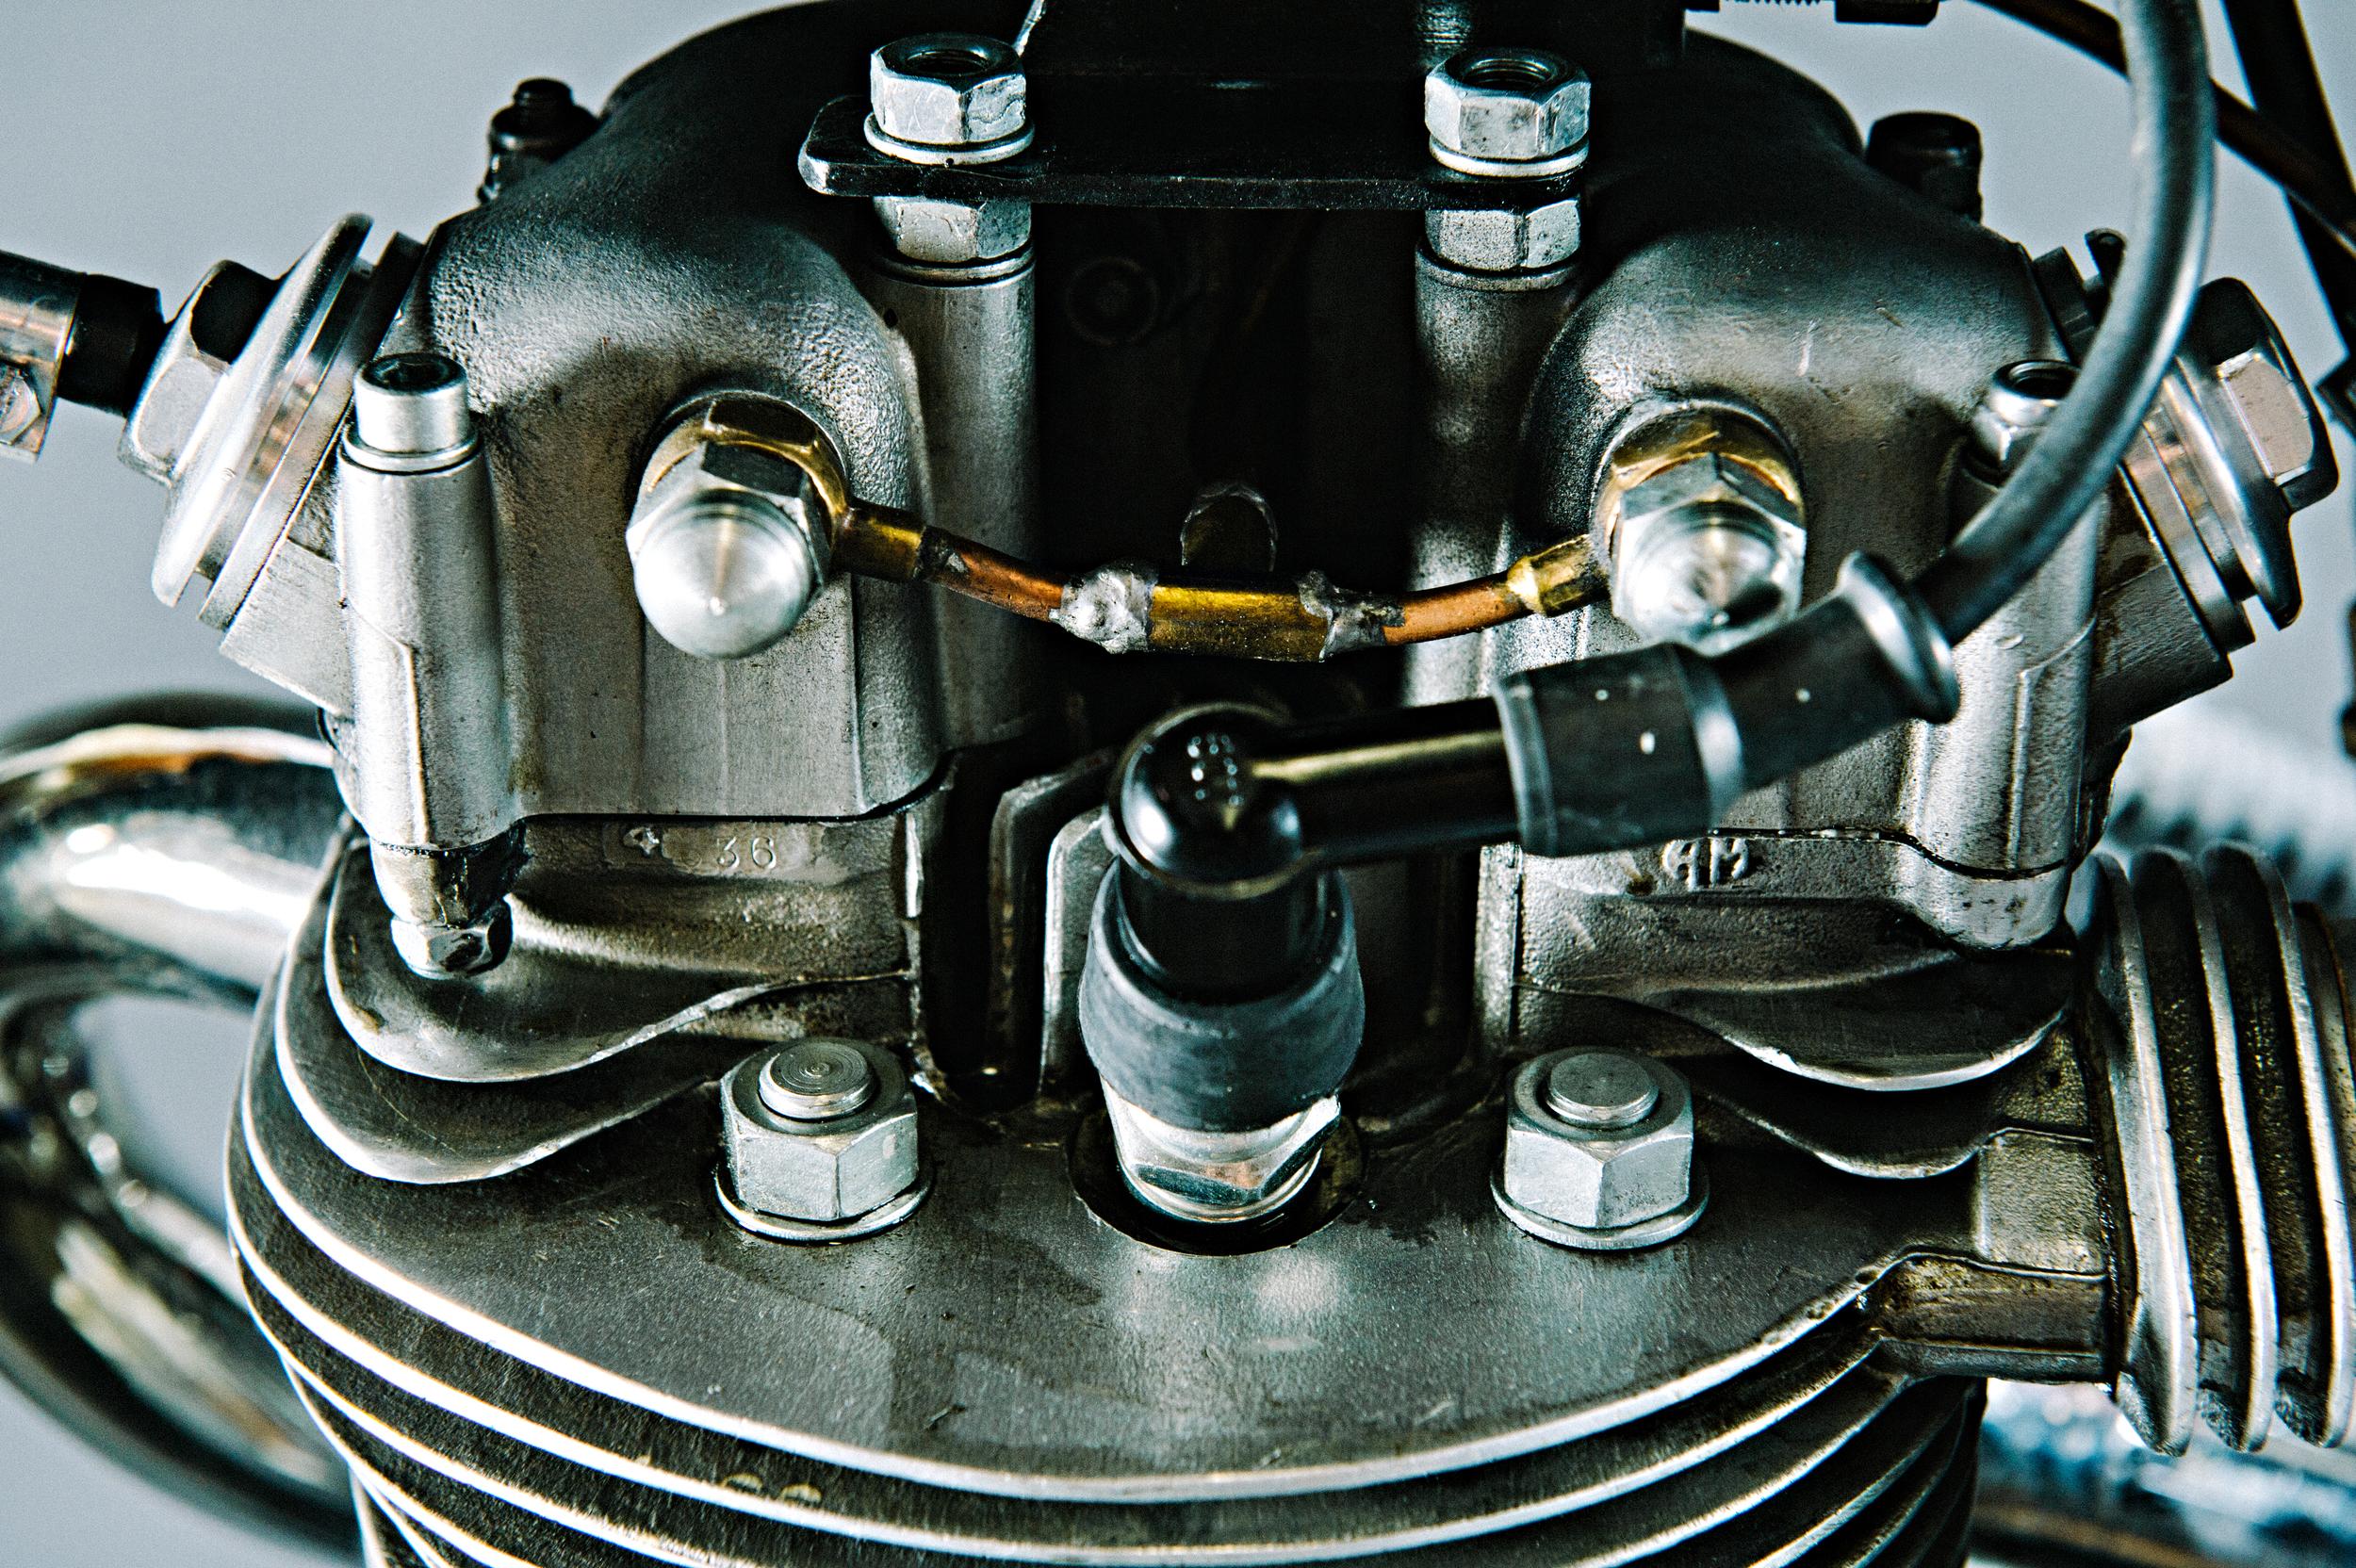 BSA_ByLorenzrichard.com-5258.jpg